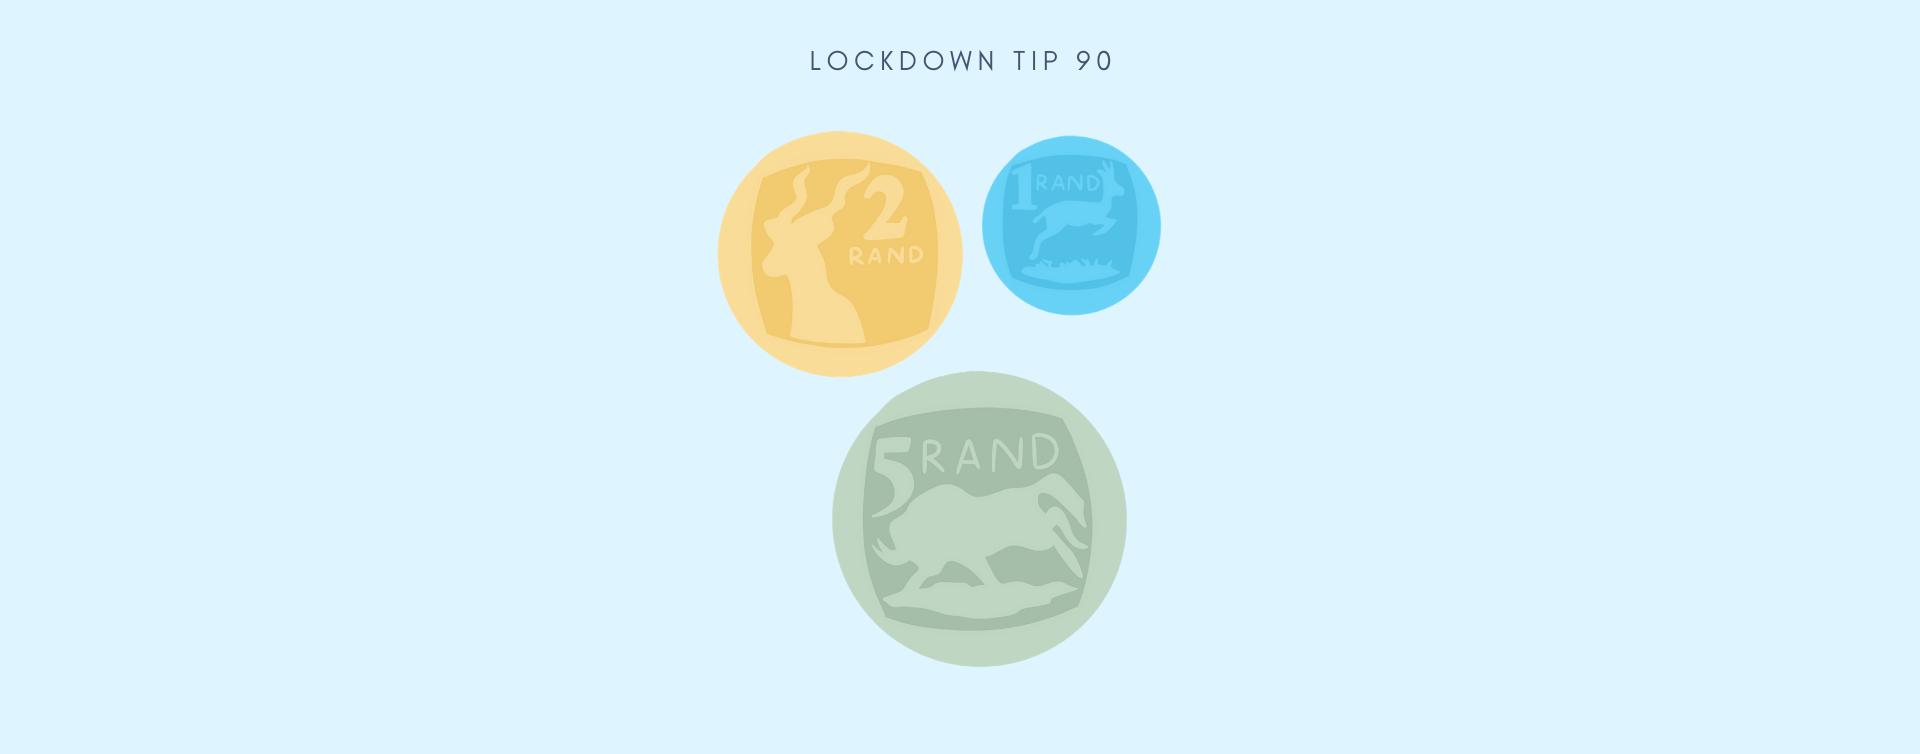 MCSA Lockdown Tip 90